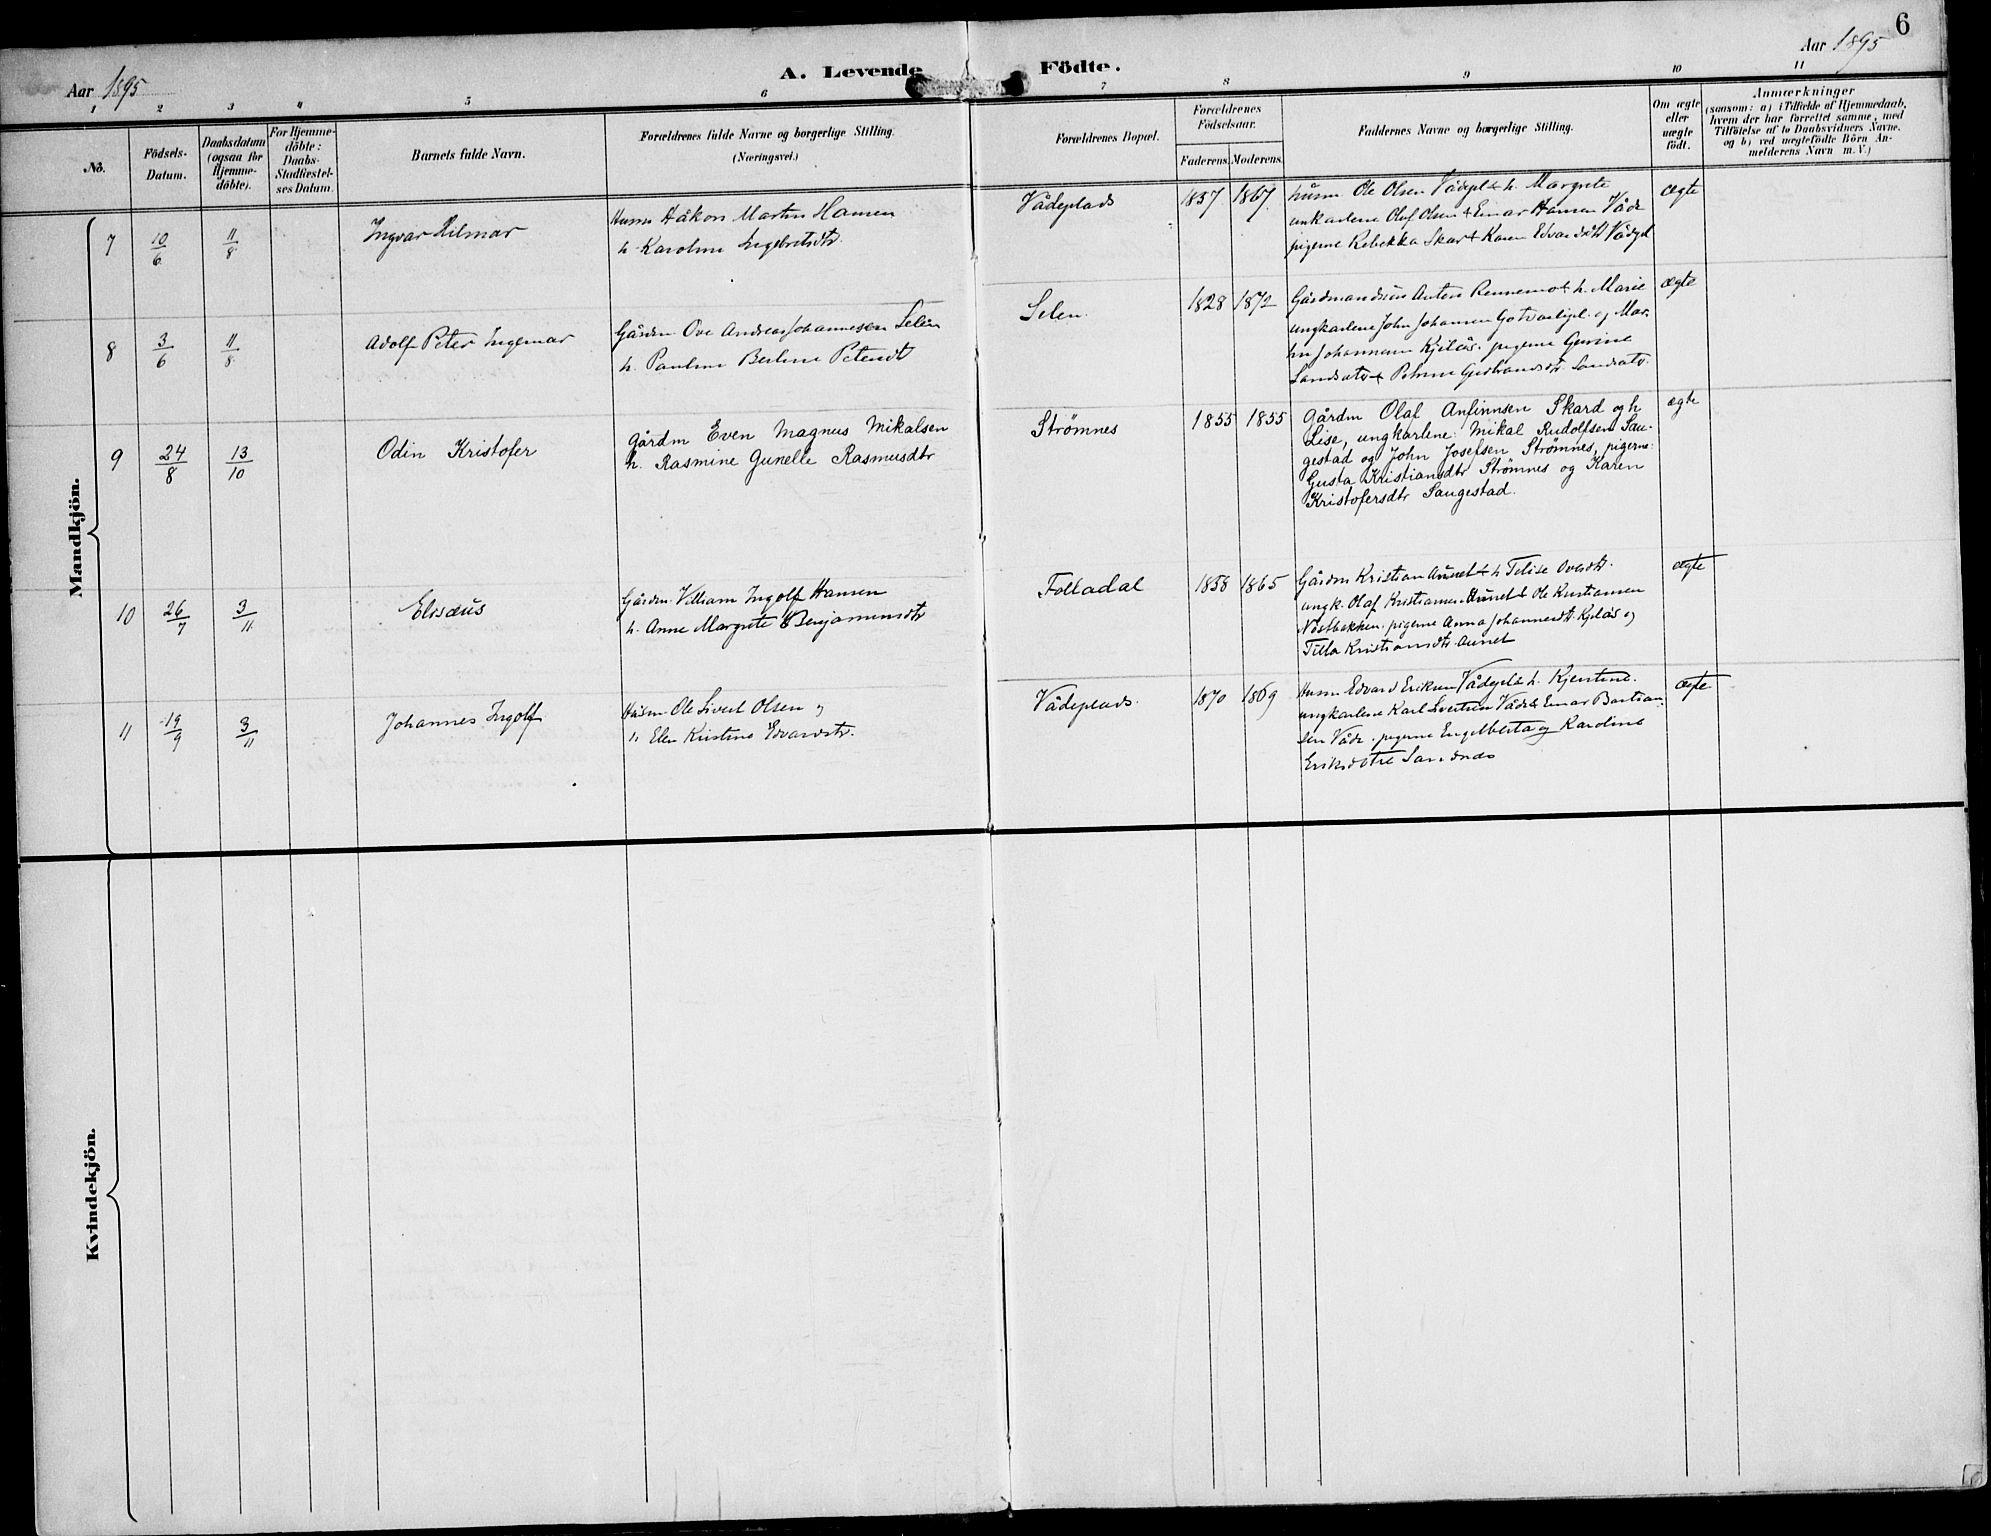 SAT, Ministerialprotokoller, klokkerbøker og fødselsregistre - Nord-Trøndelag, 745/L0430: Ministerialbok nr. 745A02, 1895-1913, s. 6